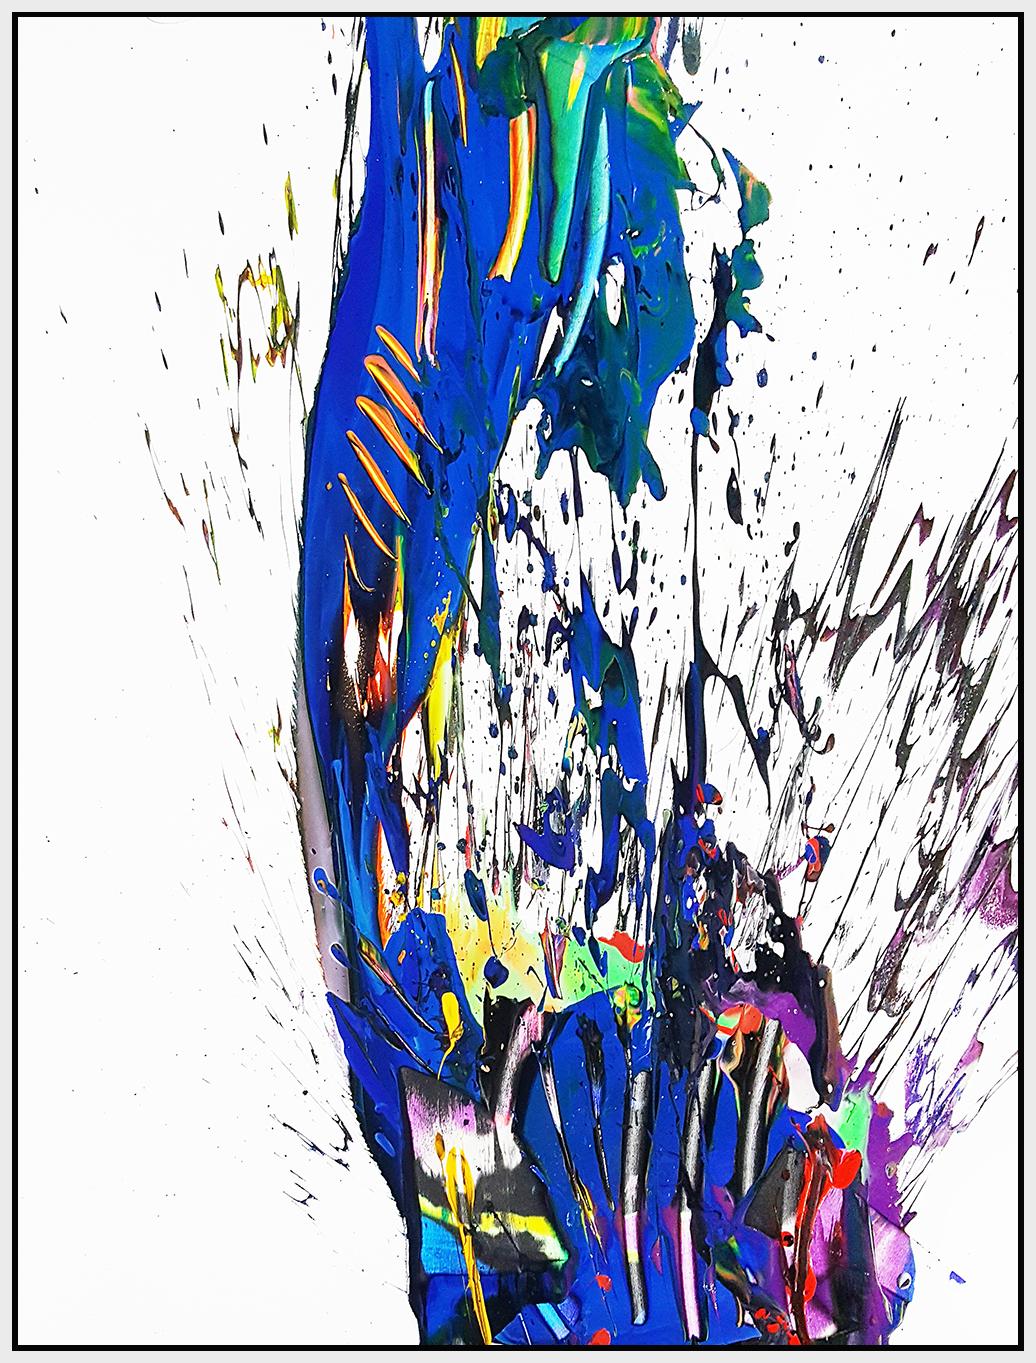 """SP² #49, 2017, acrylic on canvas, 60"""" x 48"""" (152.4 x 122 cm)"""